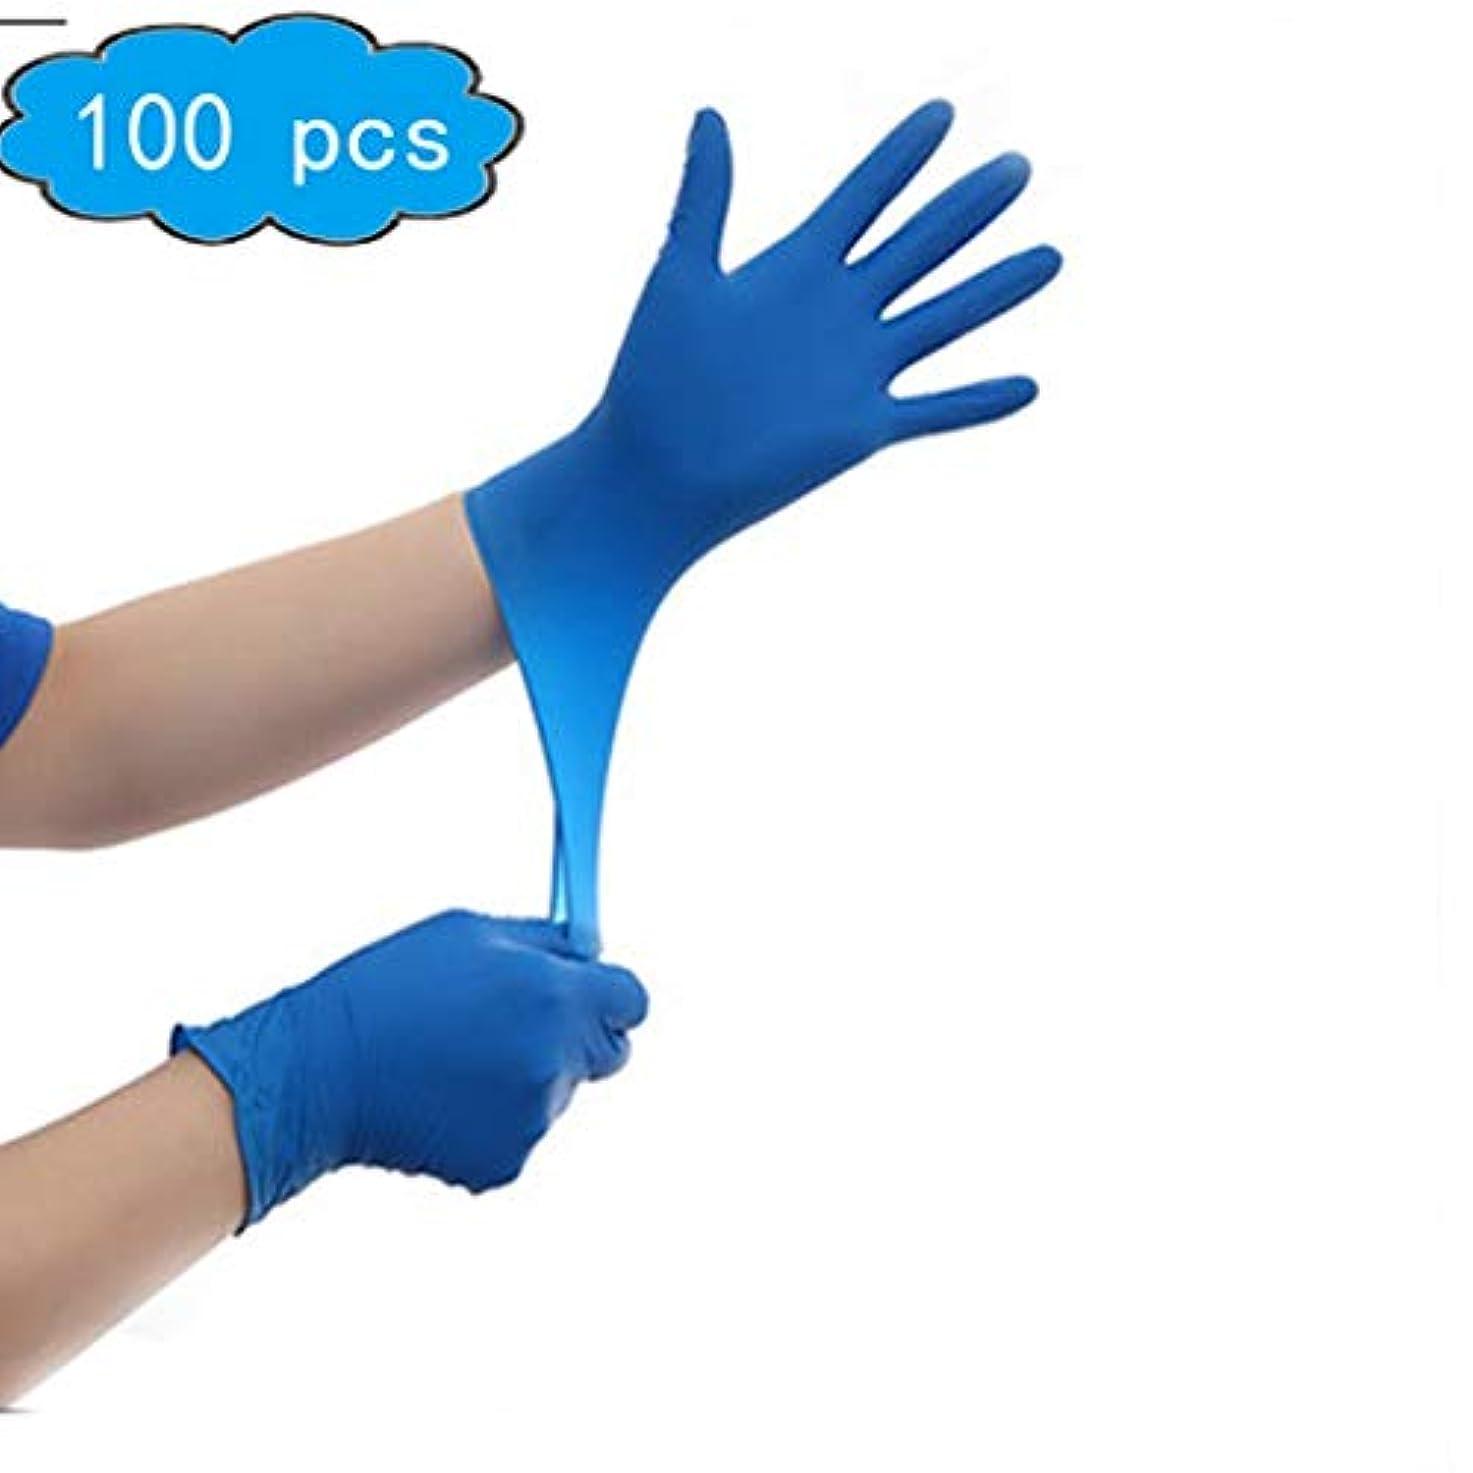 下向き原稿それ使い捨て丁清手袋 - テクスチャード加工、サニタリー手袋、応急処置用品、大型、100箱入り、食品ケータリング家事使い捨て手袋 (Color : Blue, Size : XS)